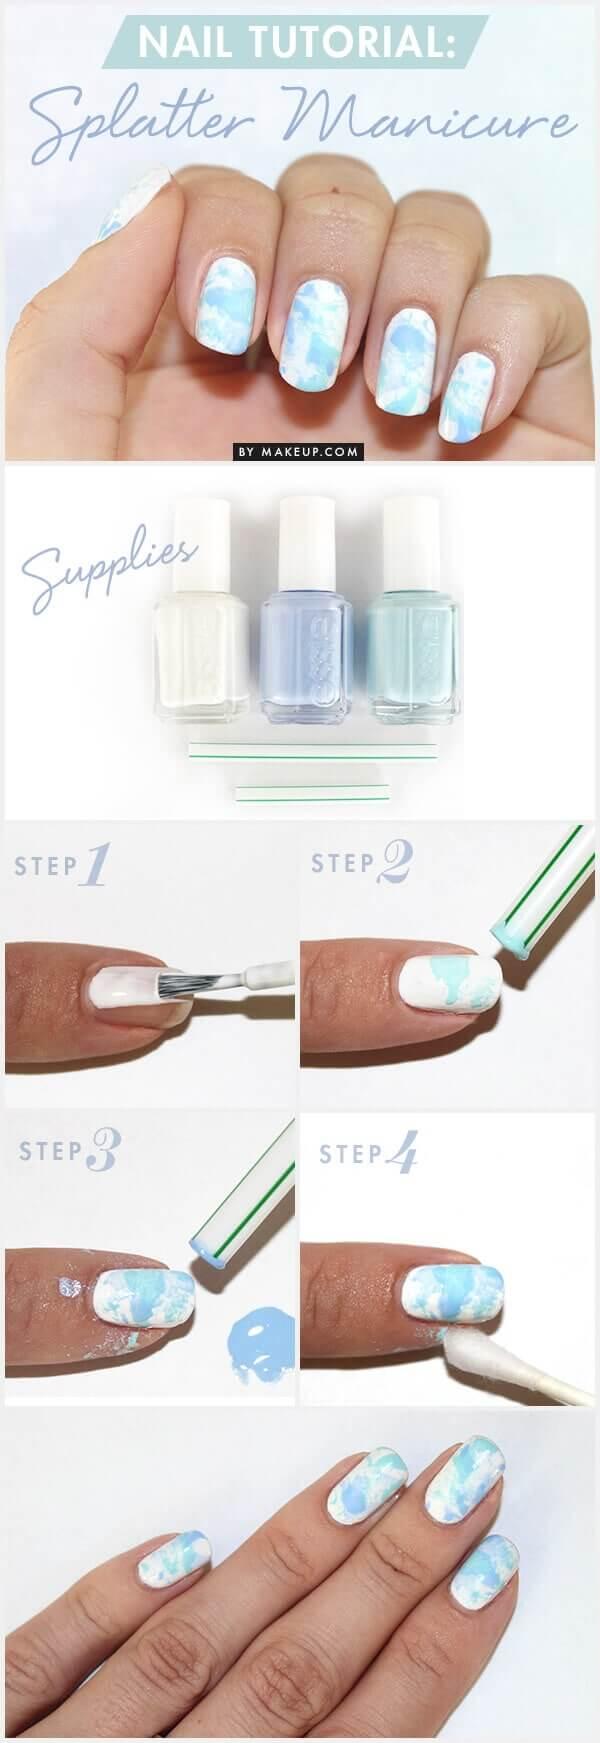 Splatter DIY Maniküre mit ESSIE selber machen